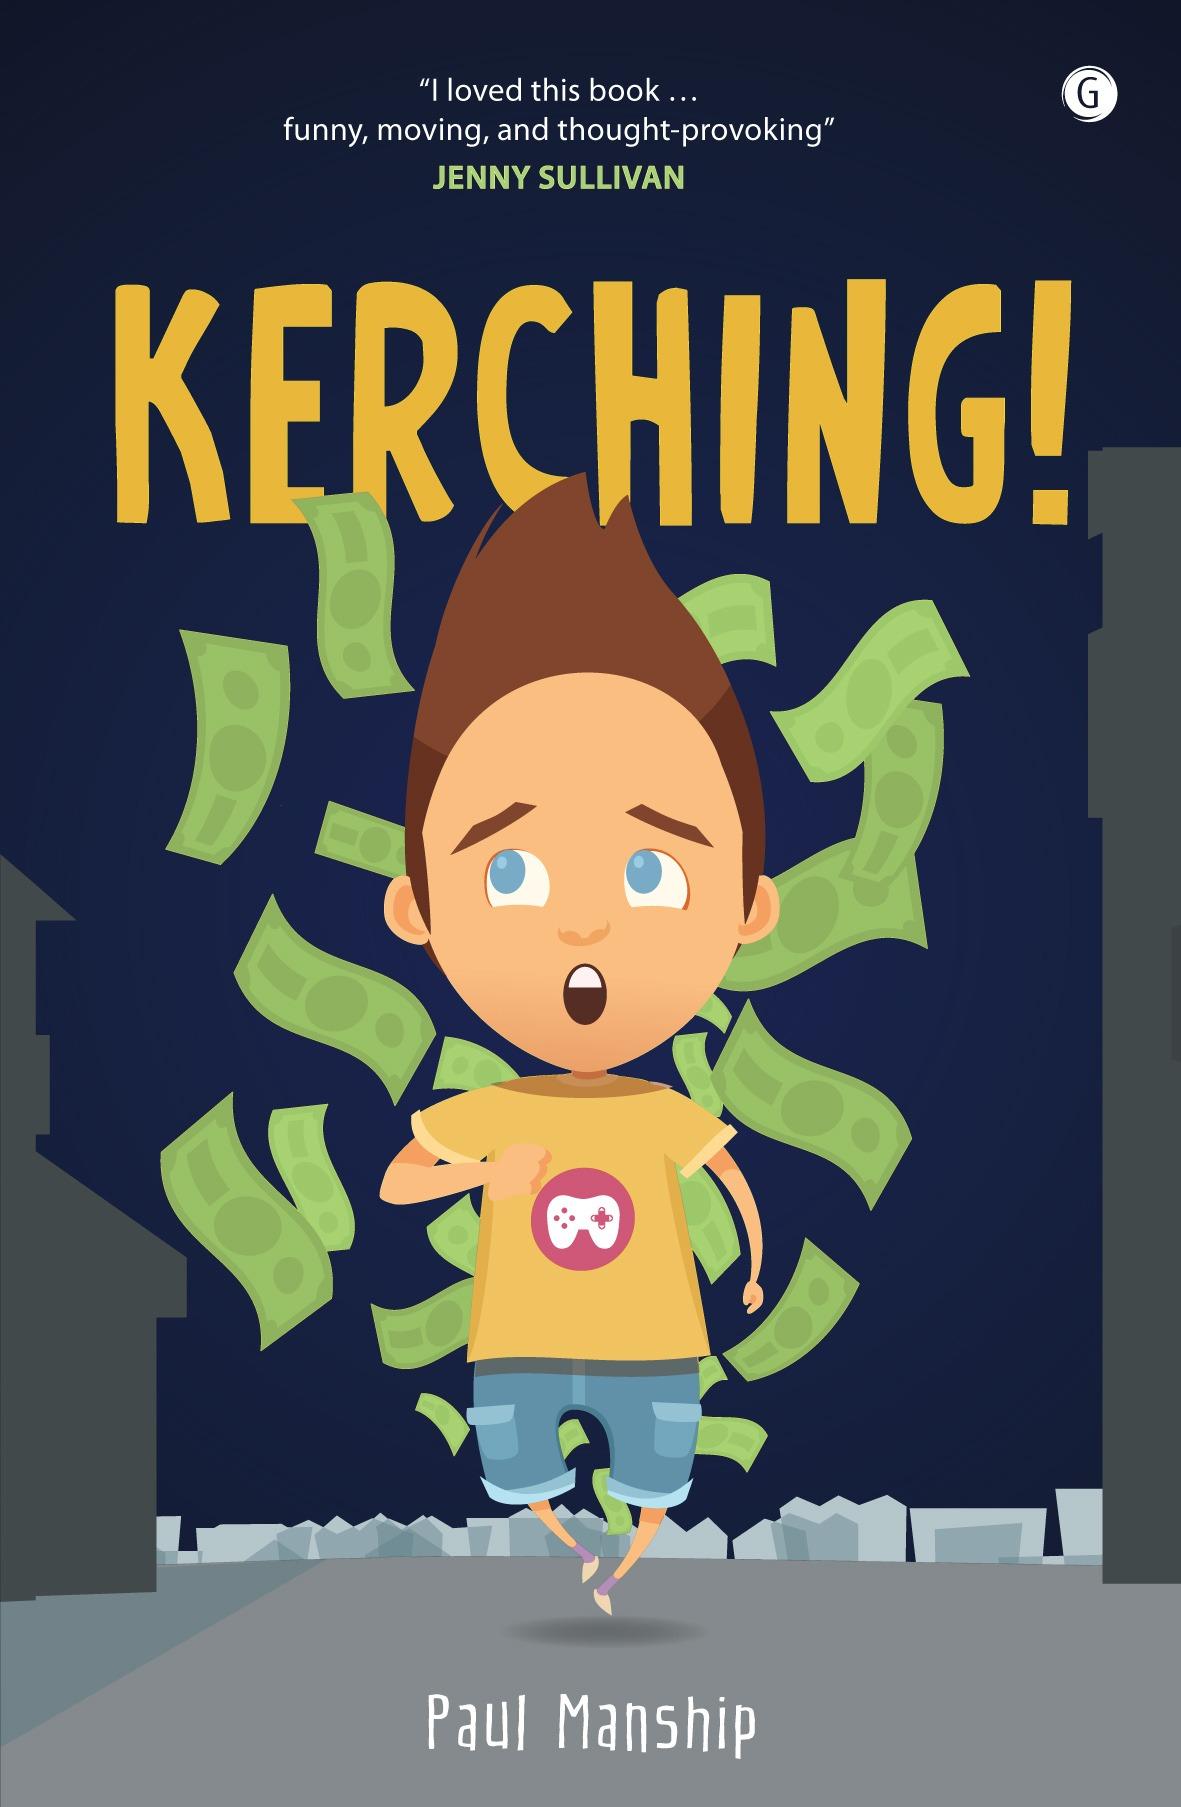 Paul Manship Kerching!